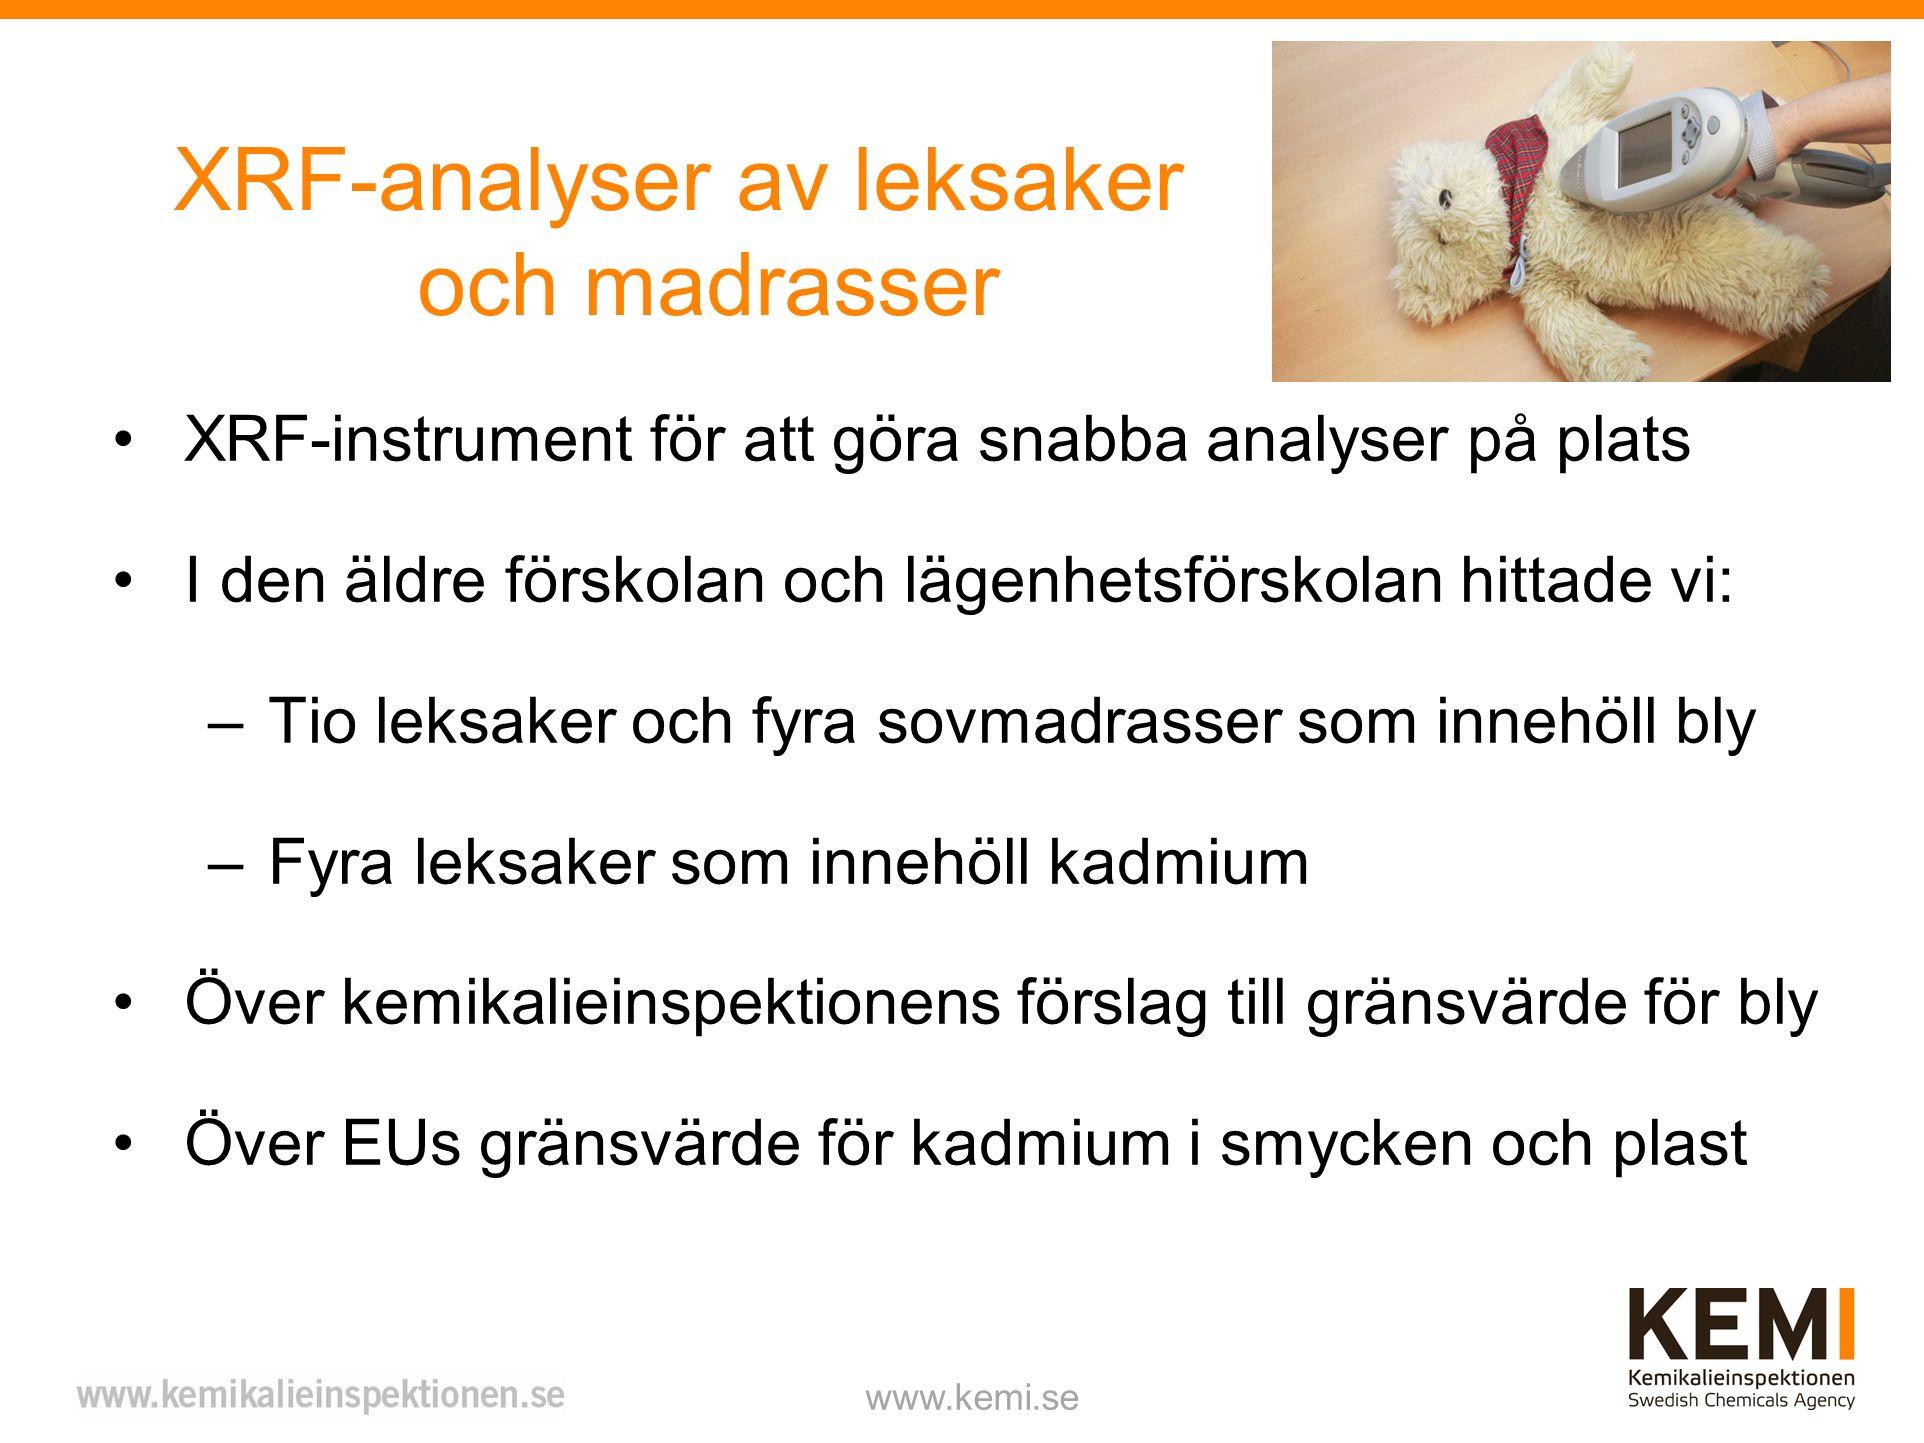 XRF-analyser av leksaker och madrasser XRF-instrument för att göra snabba analyser på plats I den äldre förskolan och lägenhetsförskolan hittade vi: –Tio leksaker och fyra sovmadrasser som innehöll bly –Fyra leksaker som innehöll kadmium Över kemikalieinspektionens förslag till gränsvärde för bly Över EUs gränsvärde för kadmium i smycken och plast www.kemi.se